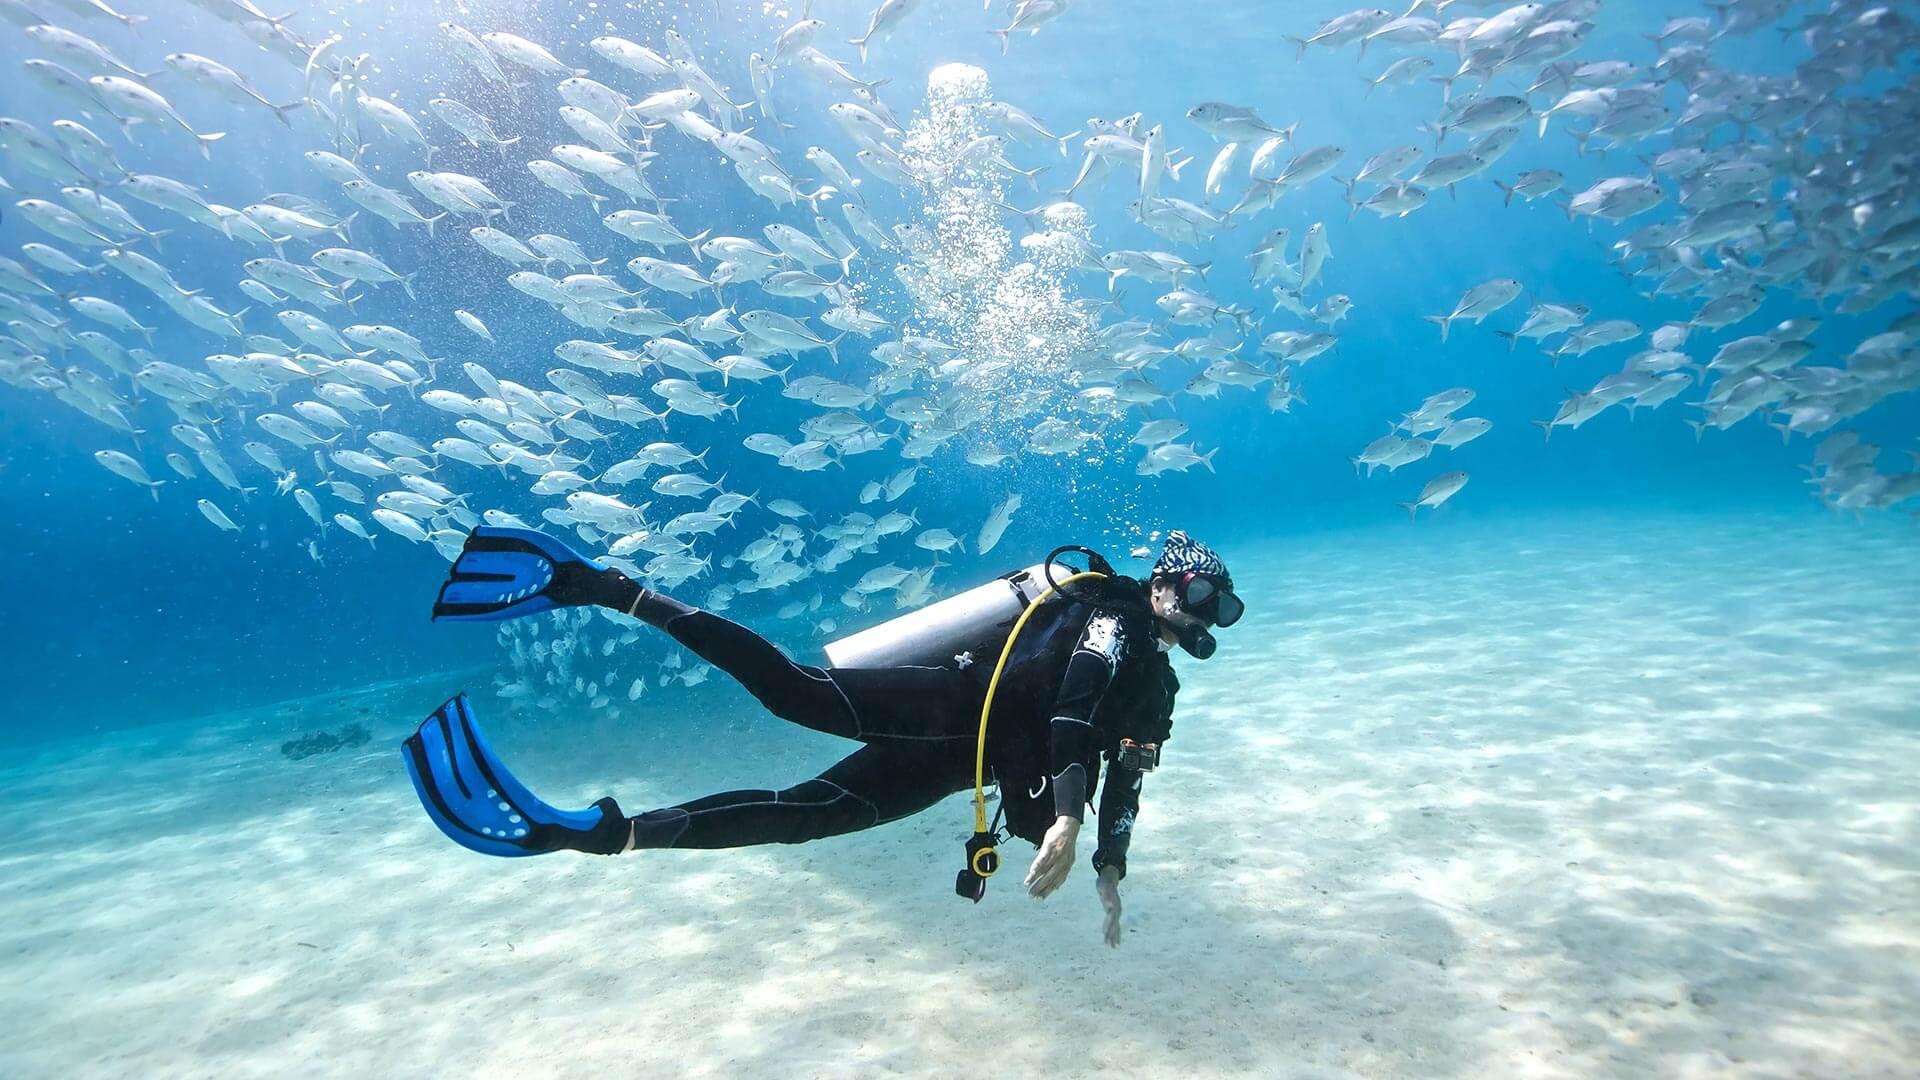 بهشت غواصان چه مناطقی از زمین هست؟